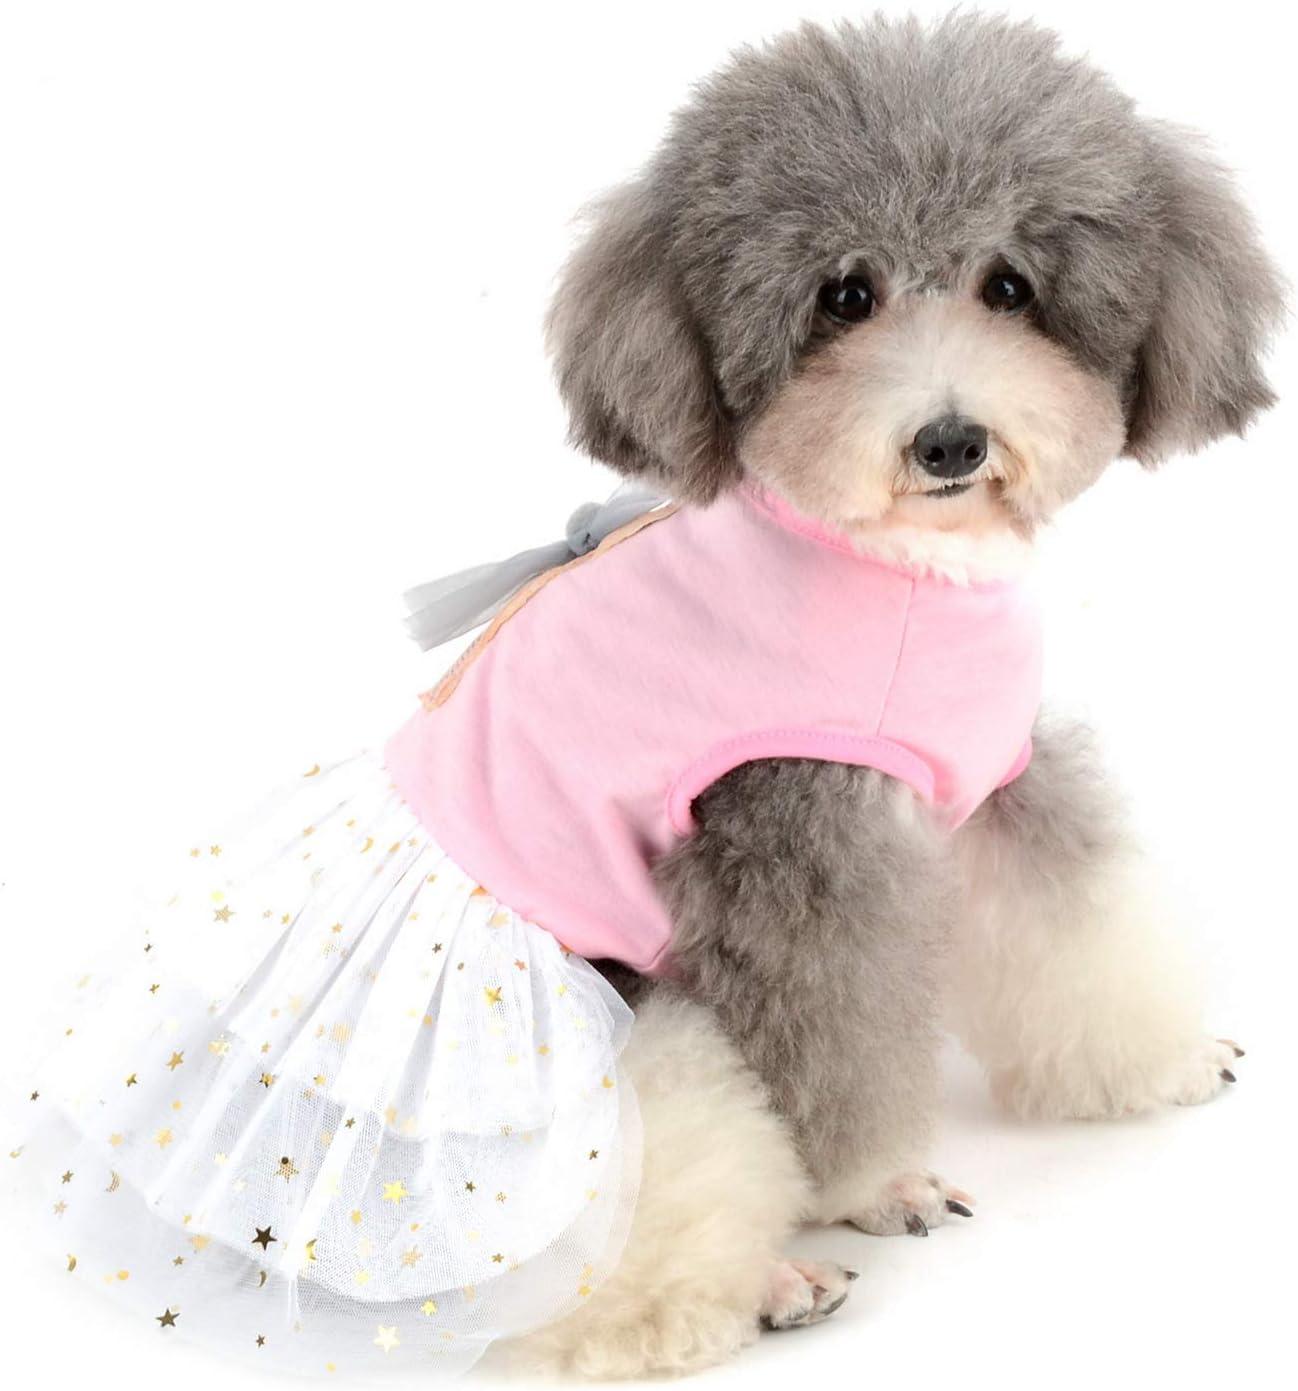 T-Shirt Tutu Kleider s/ü/ßer Sommer-Rock f/ür kleine Hunde weiche Baumwolle Haustier-Kost/üme s/ü/ßes Kaninchen Bedruckt Zunea Hundekleid Welpen M/ädchen